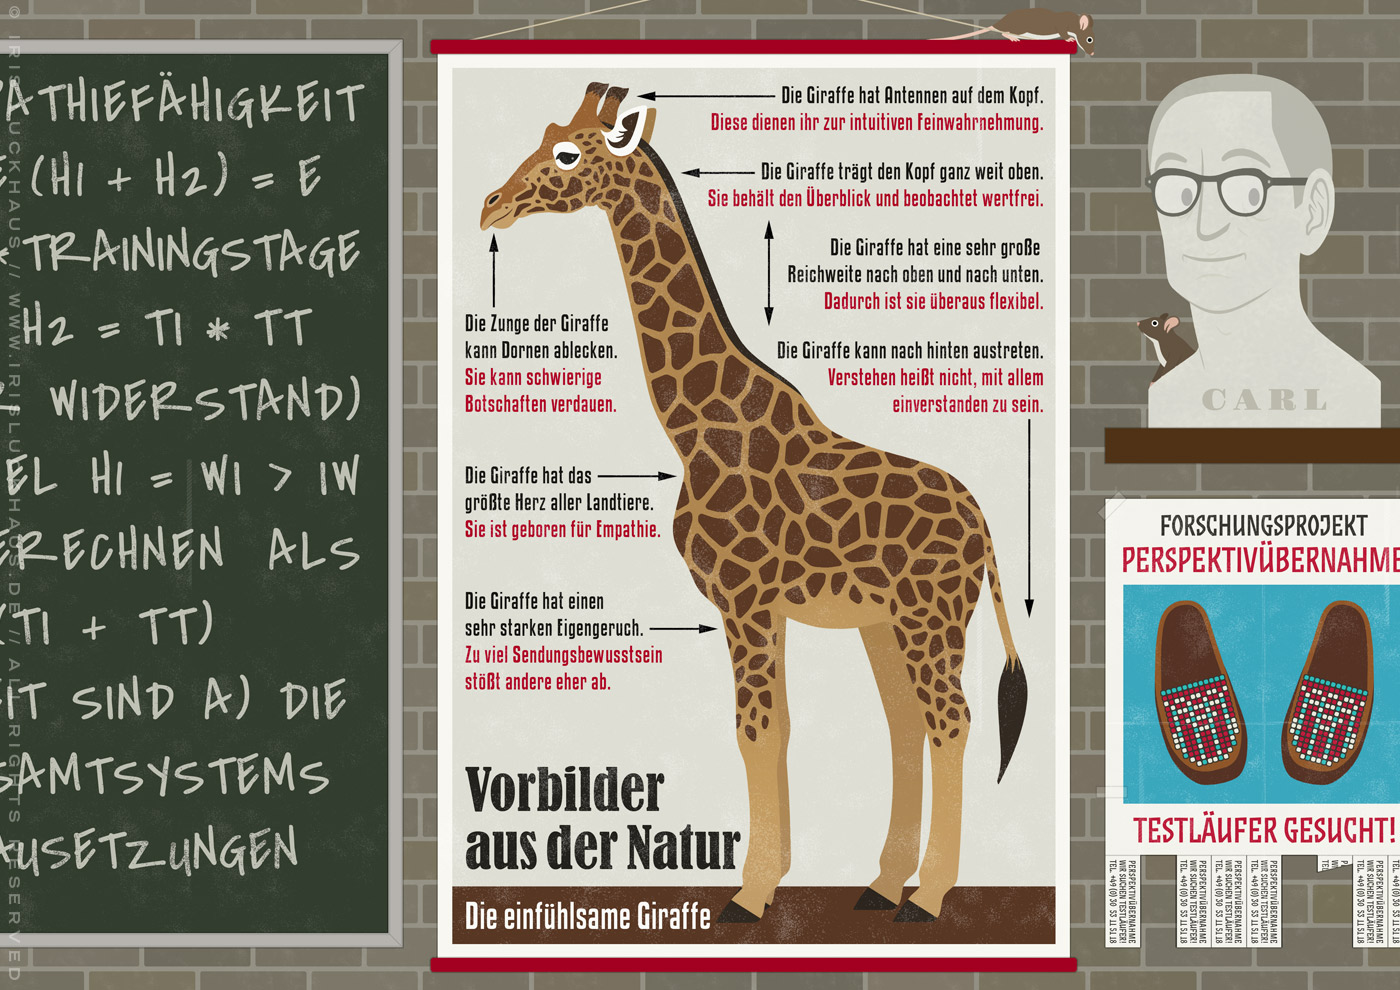 Ausschnitt mit Infografik zur Giraffe und Forschungsprojekt Perspektivübernahme im Empathie-Labor für EmpaTrain